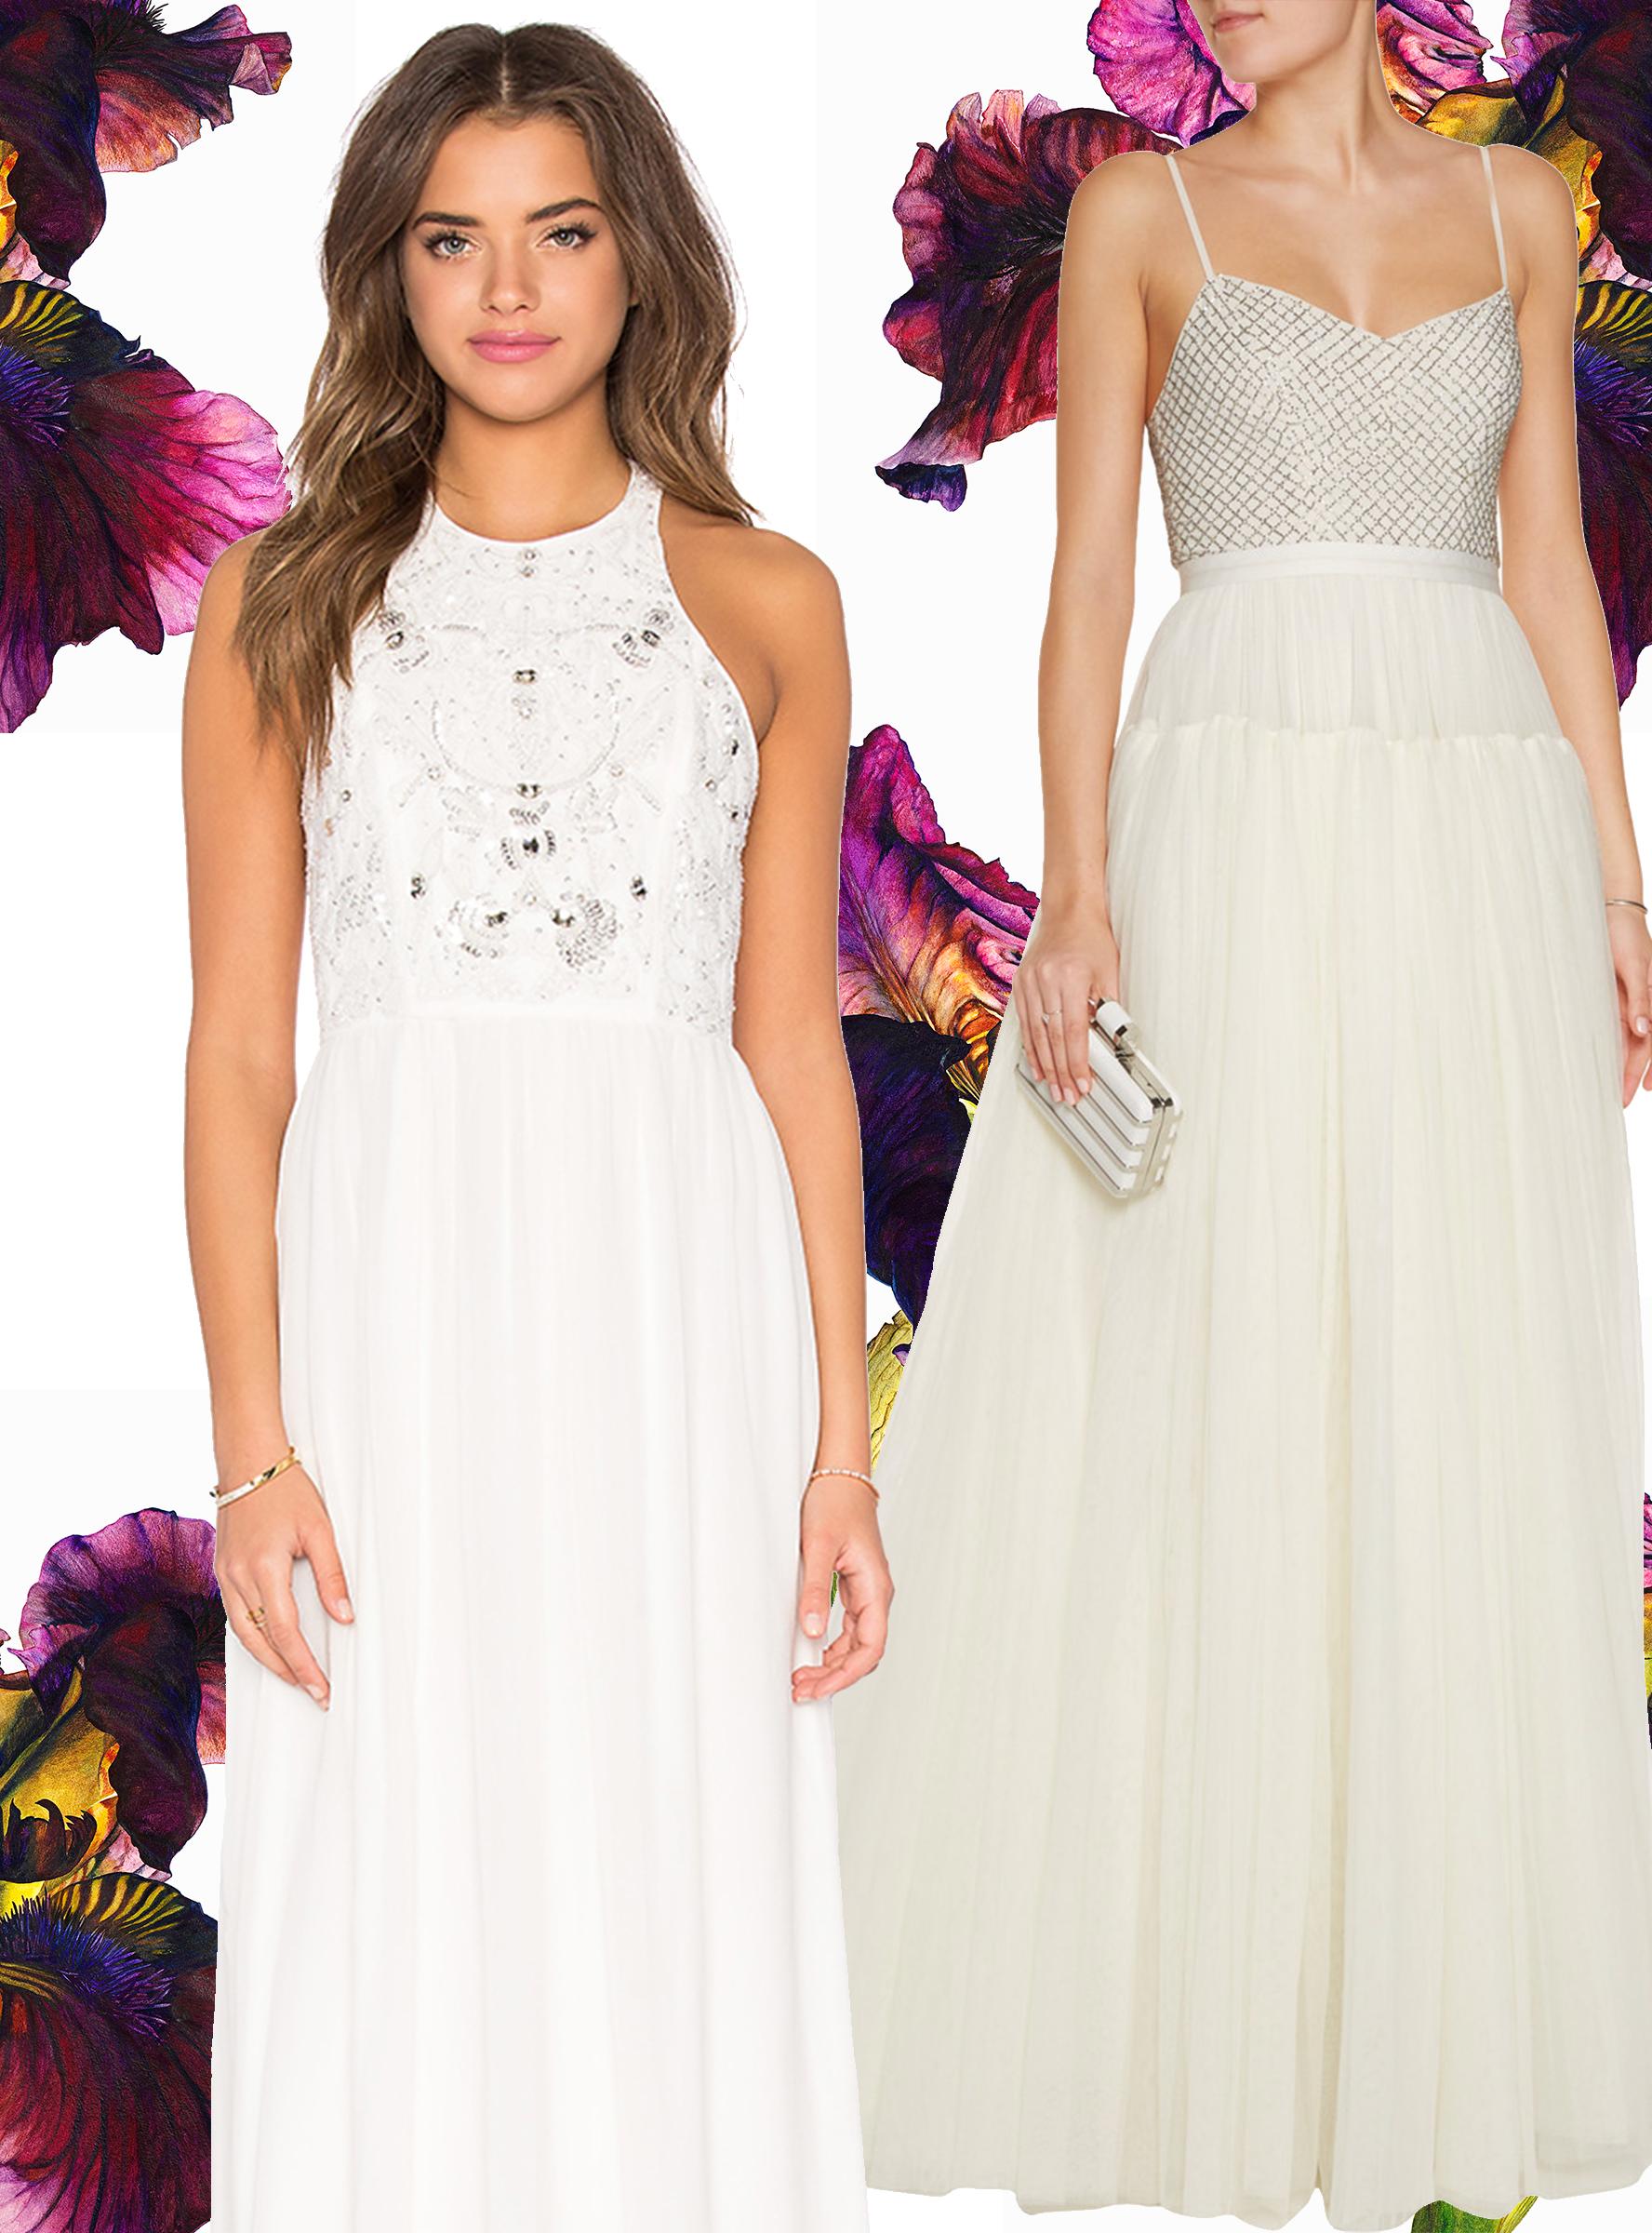 Gemütlich Hochzeitskleider Für Weniger Fotos - Hochzeit Kleid Stile ...